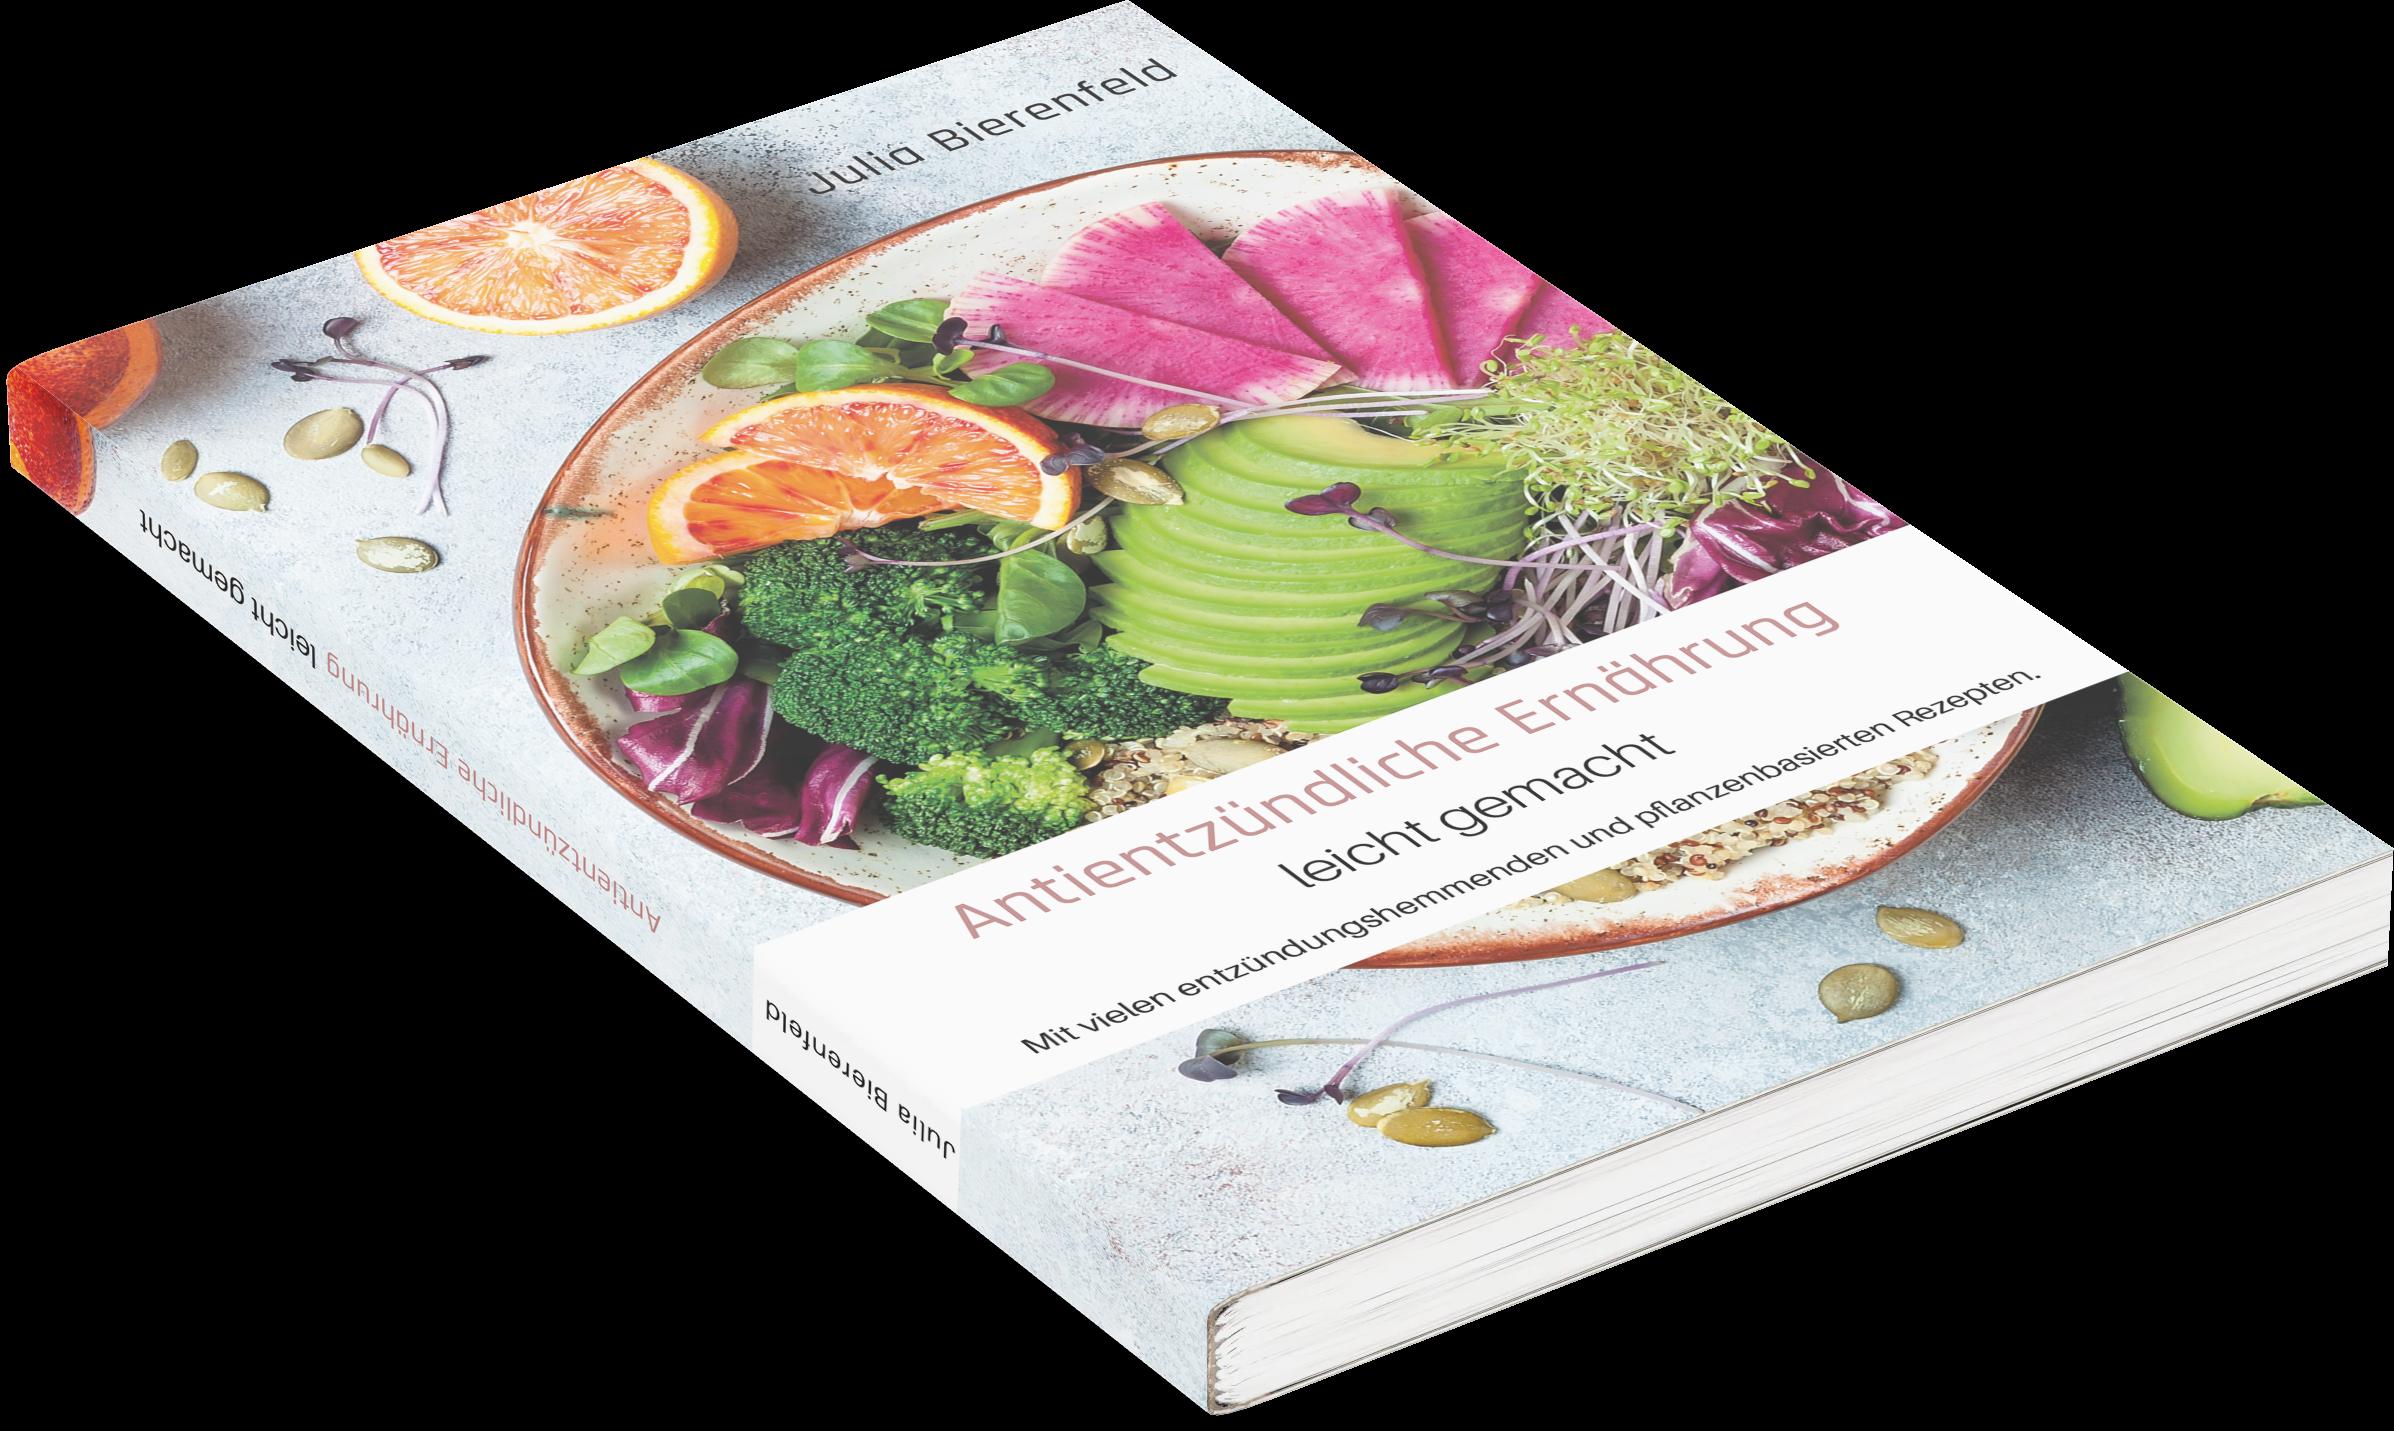 jb health concepts, 978-3-00-068038-0 Rezepte, Antientzündliche Ernährung leicht gemacht, Ratgeber,